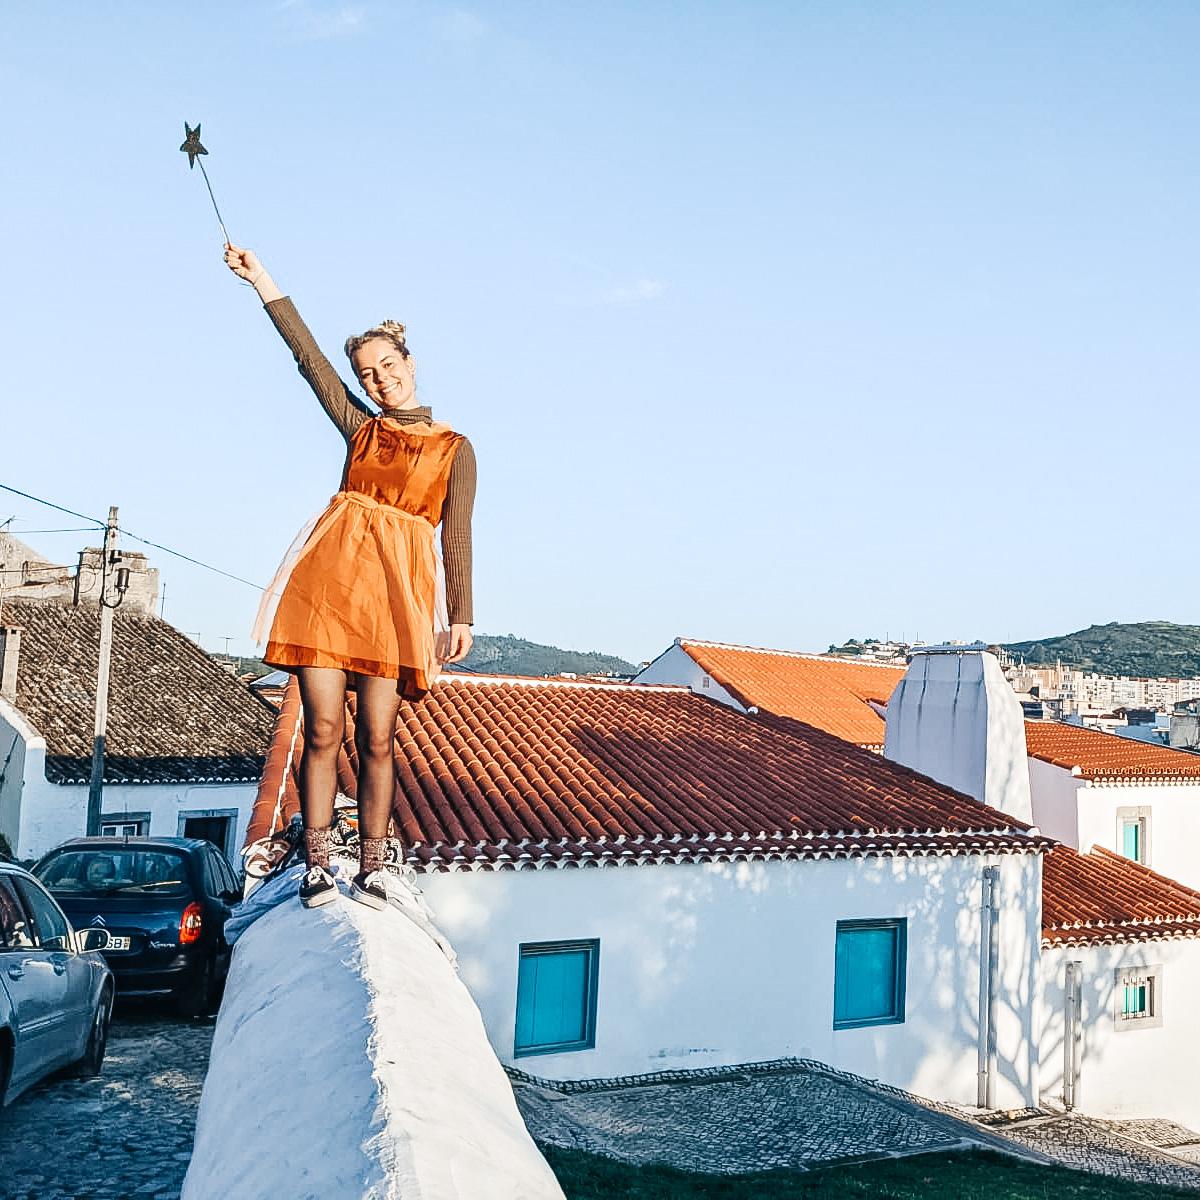 Karneval in Portugal: Torres Vedras